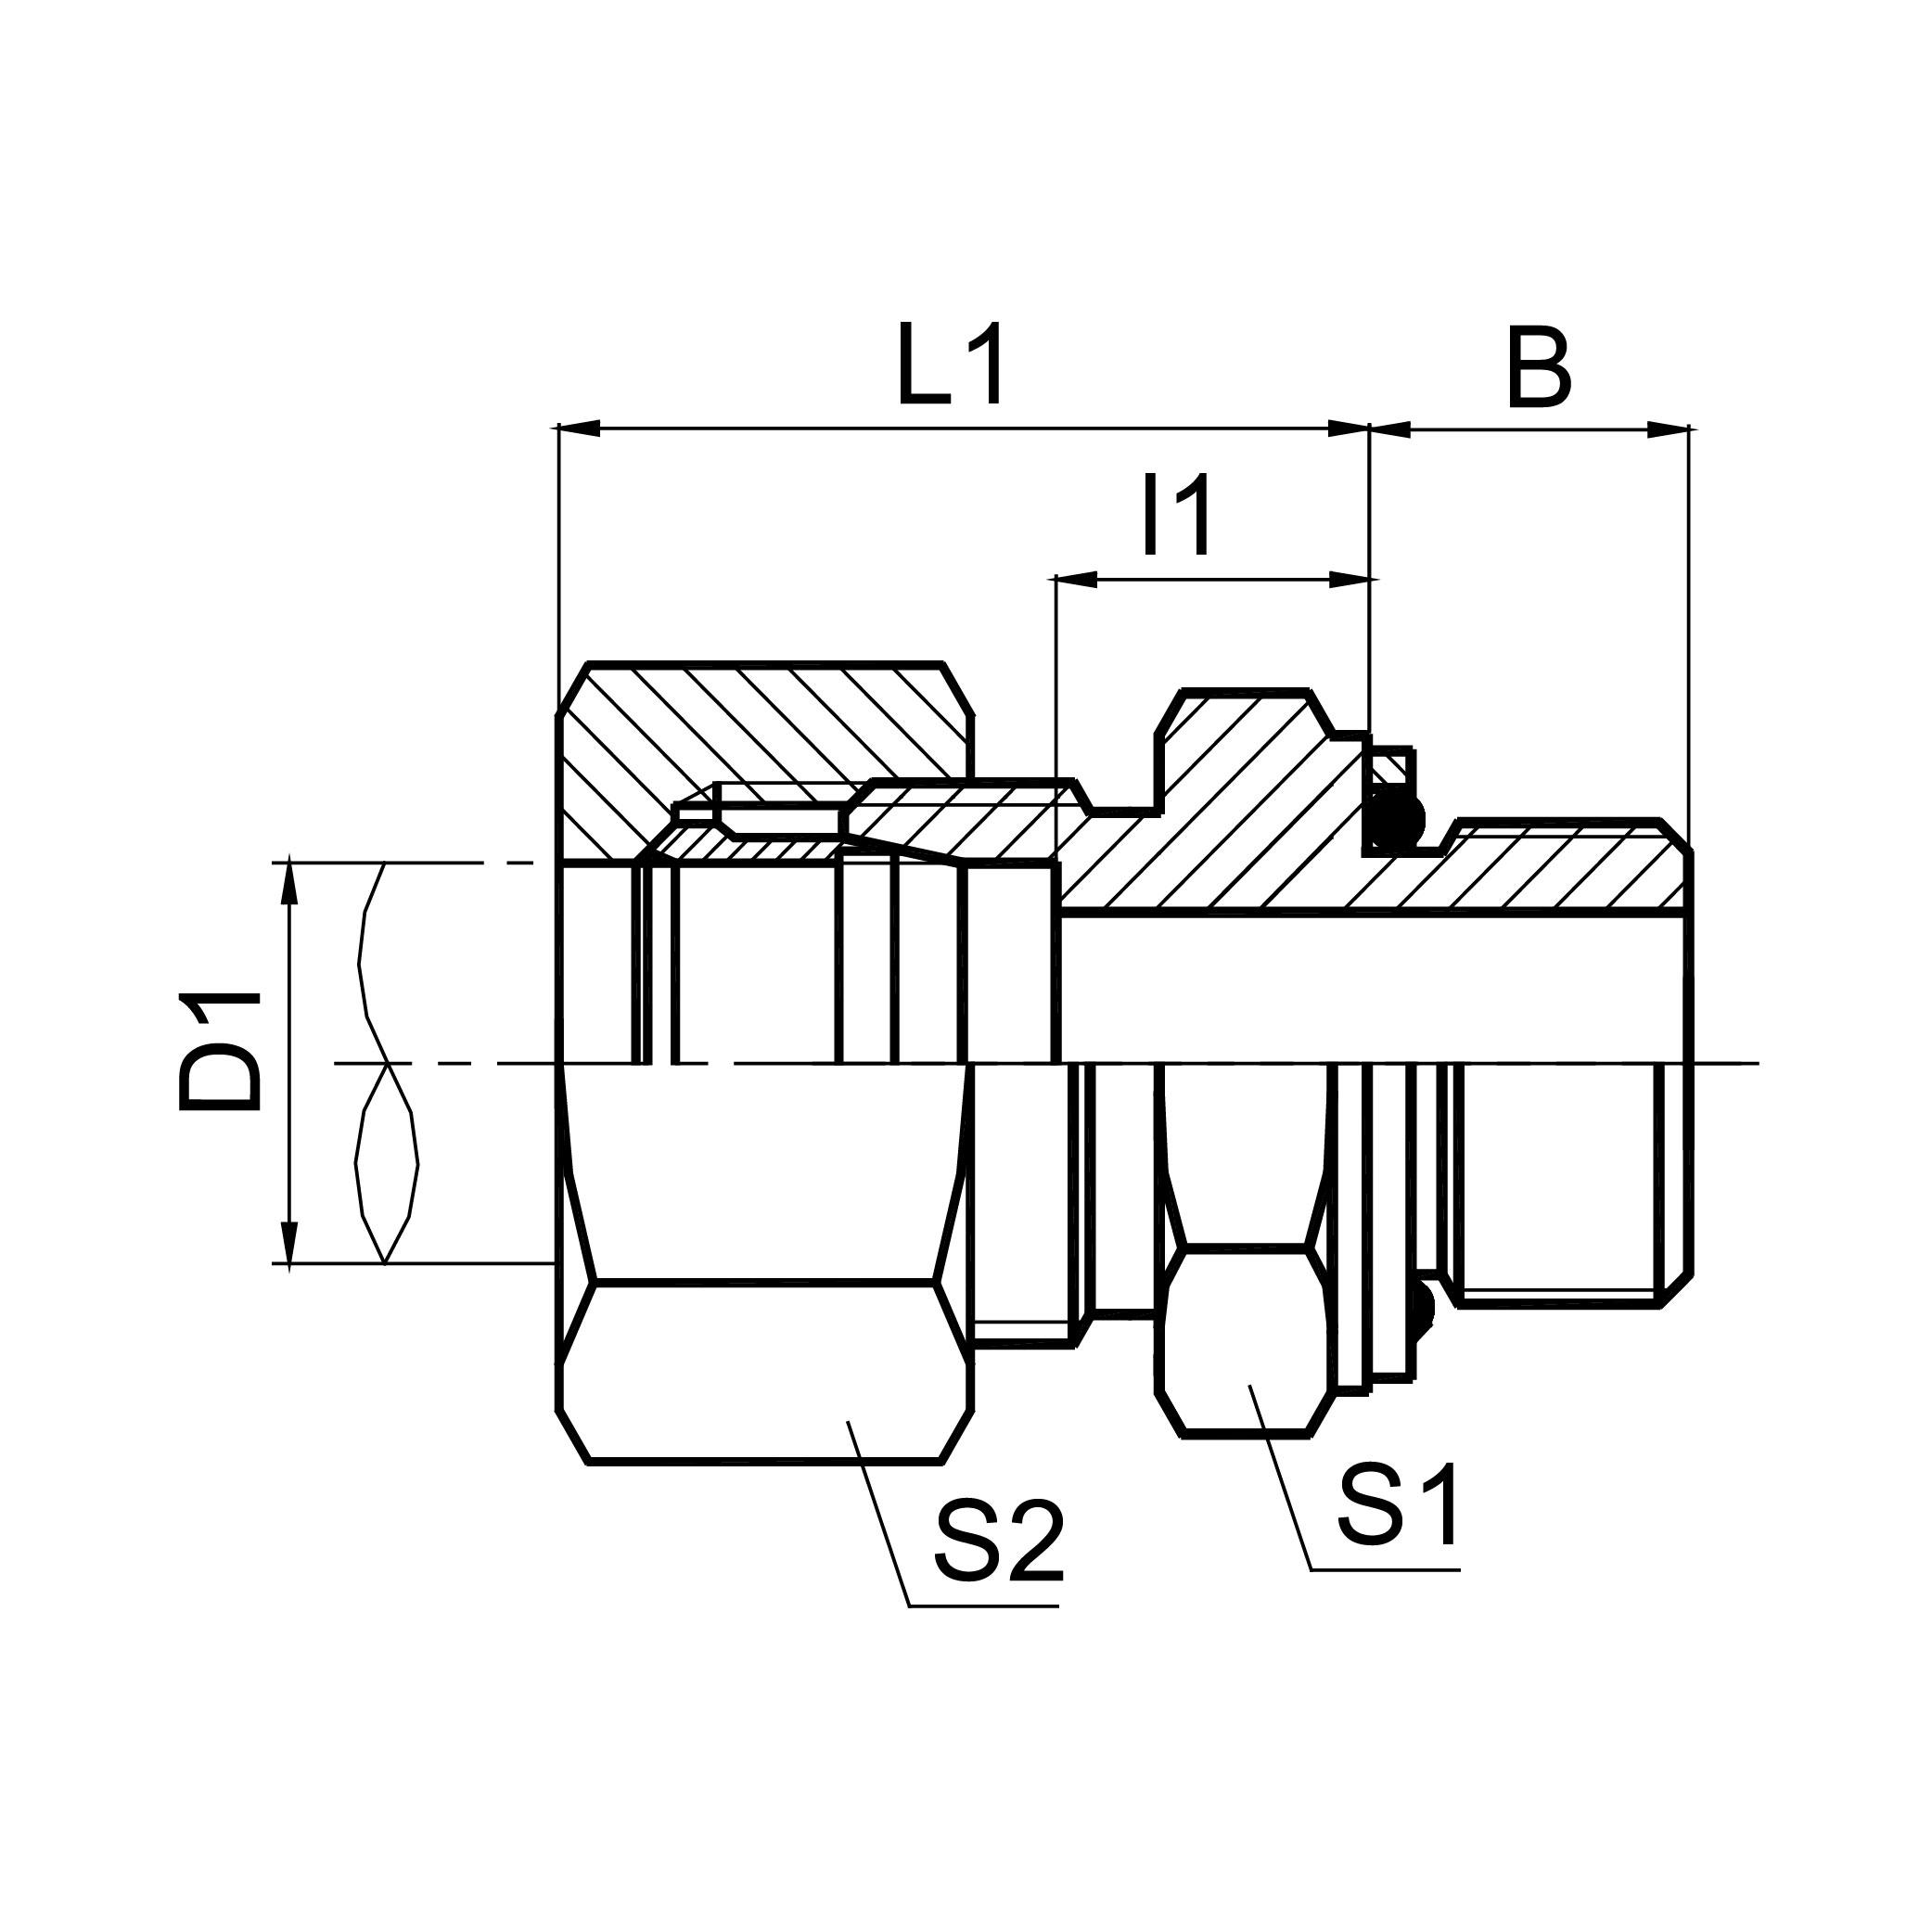 延边英管螺纹O形圈密封柱端 1CG/1DG